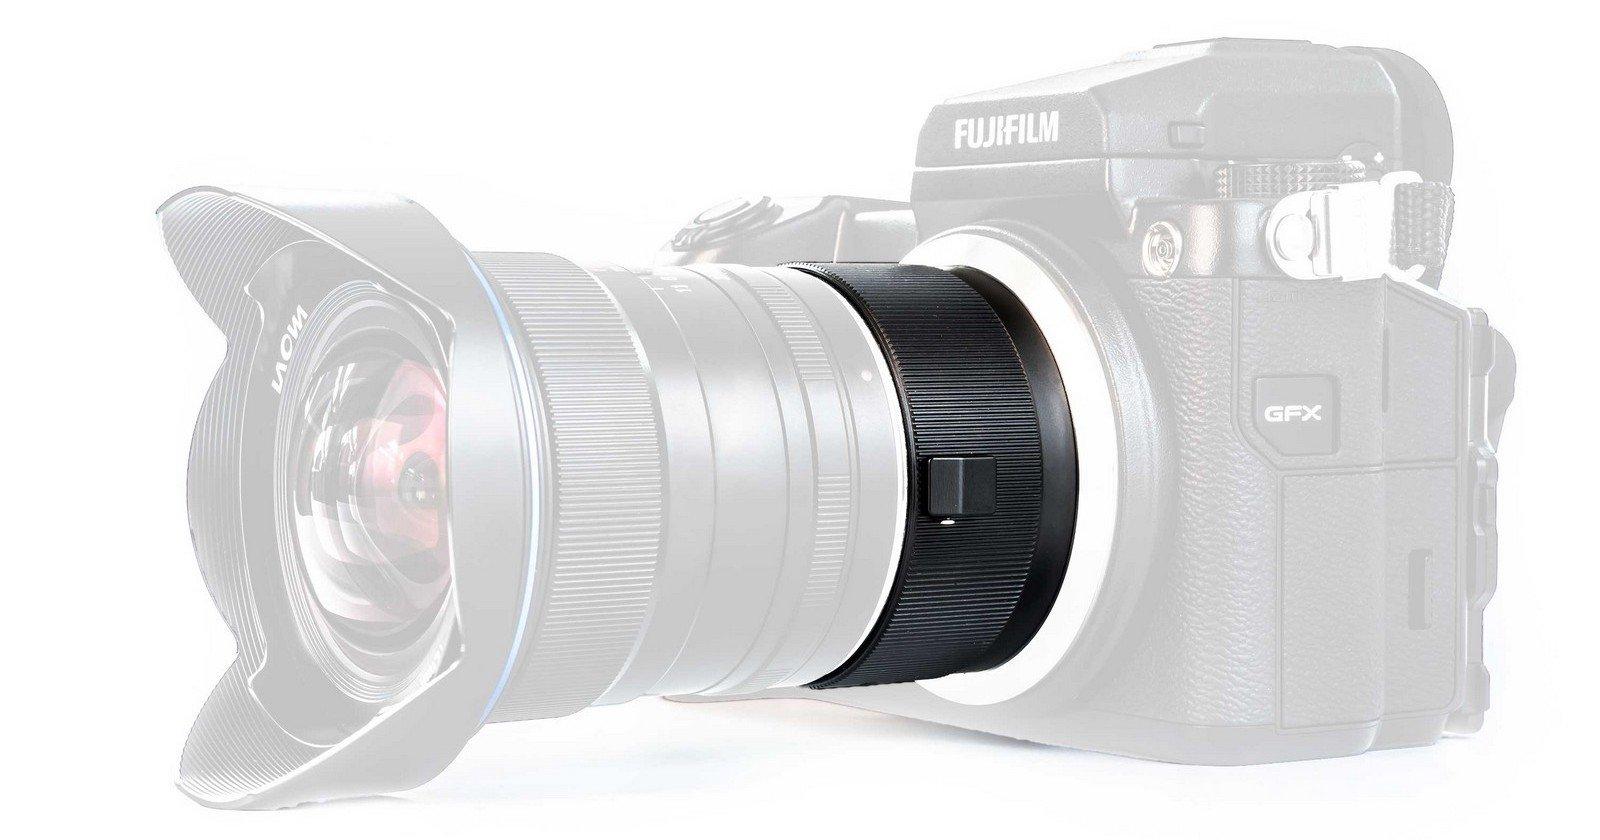 Laowa và mẫu ngàm chuyển dành riêng cho Fujifilm GFX | 50mmVietnam